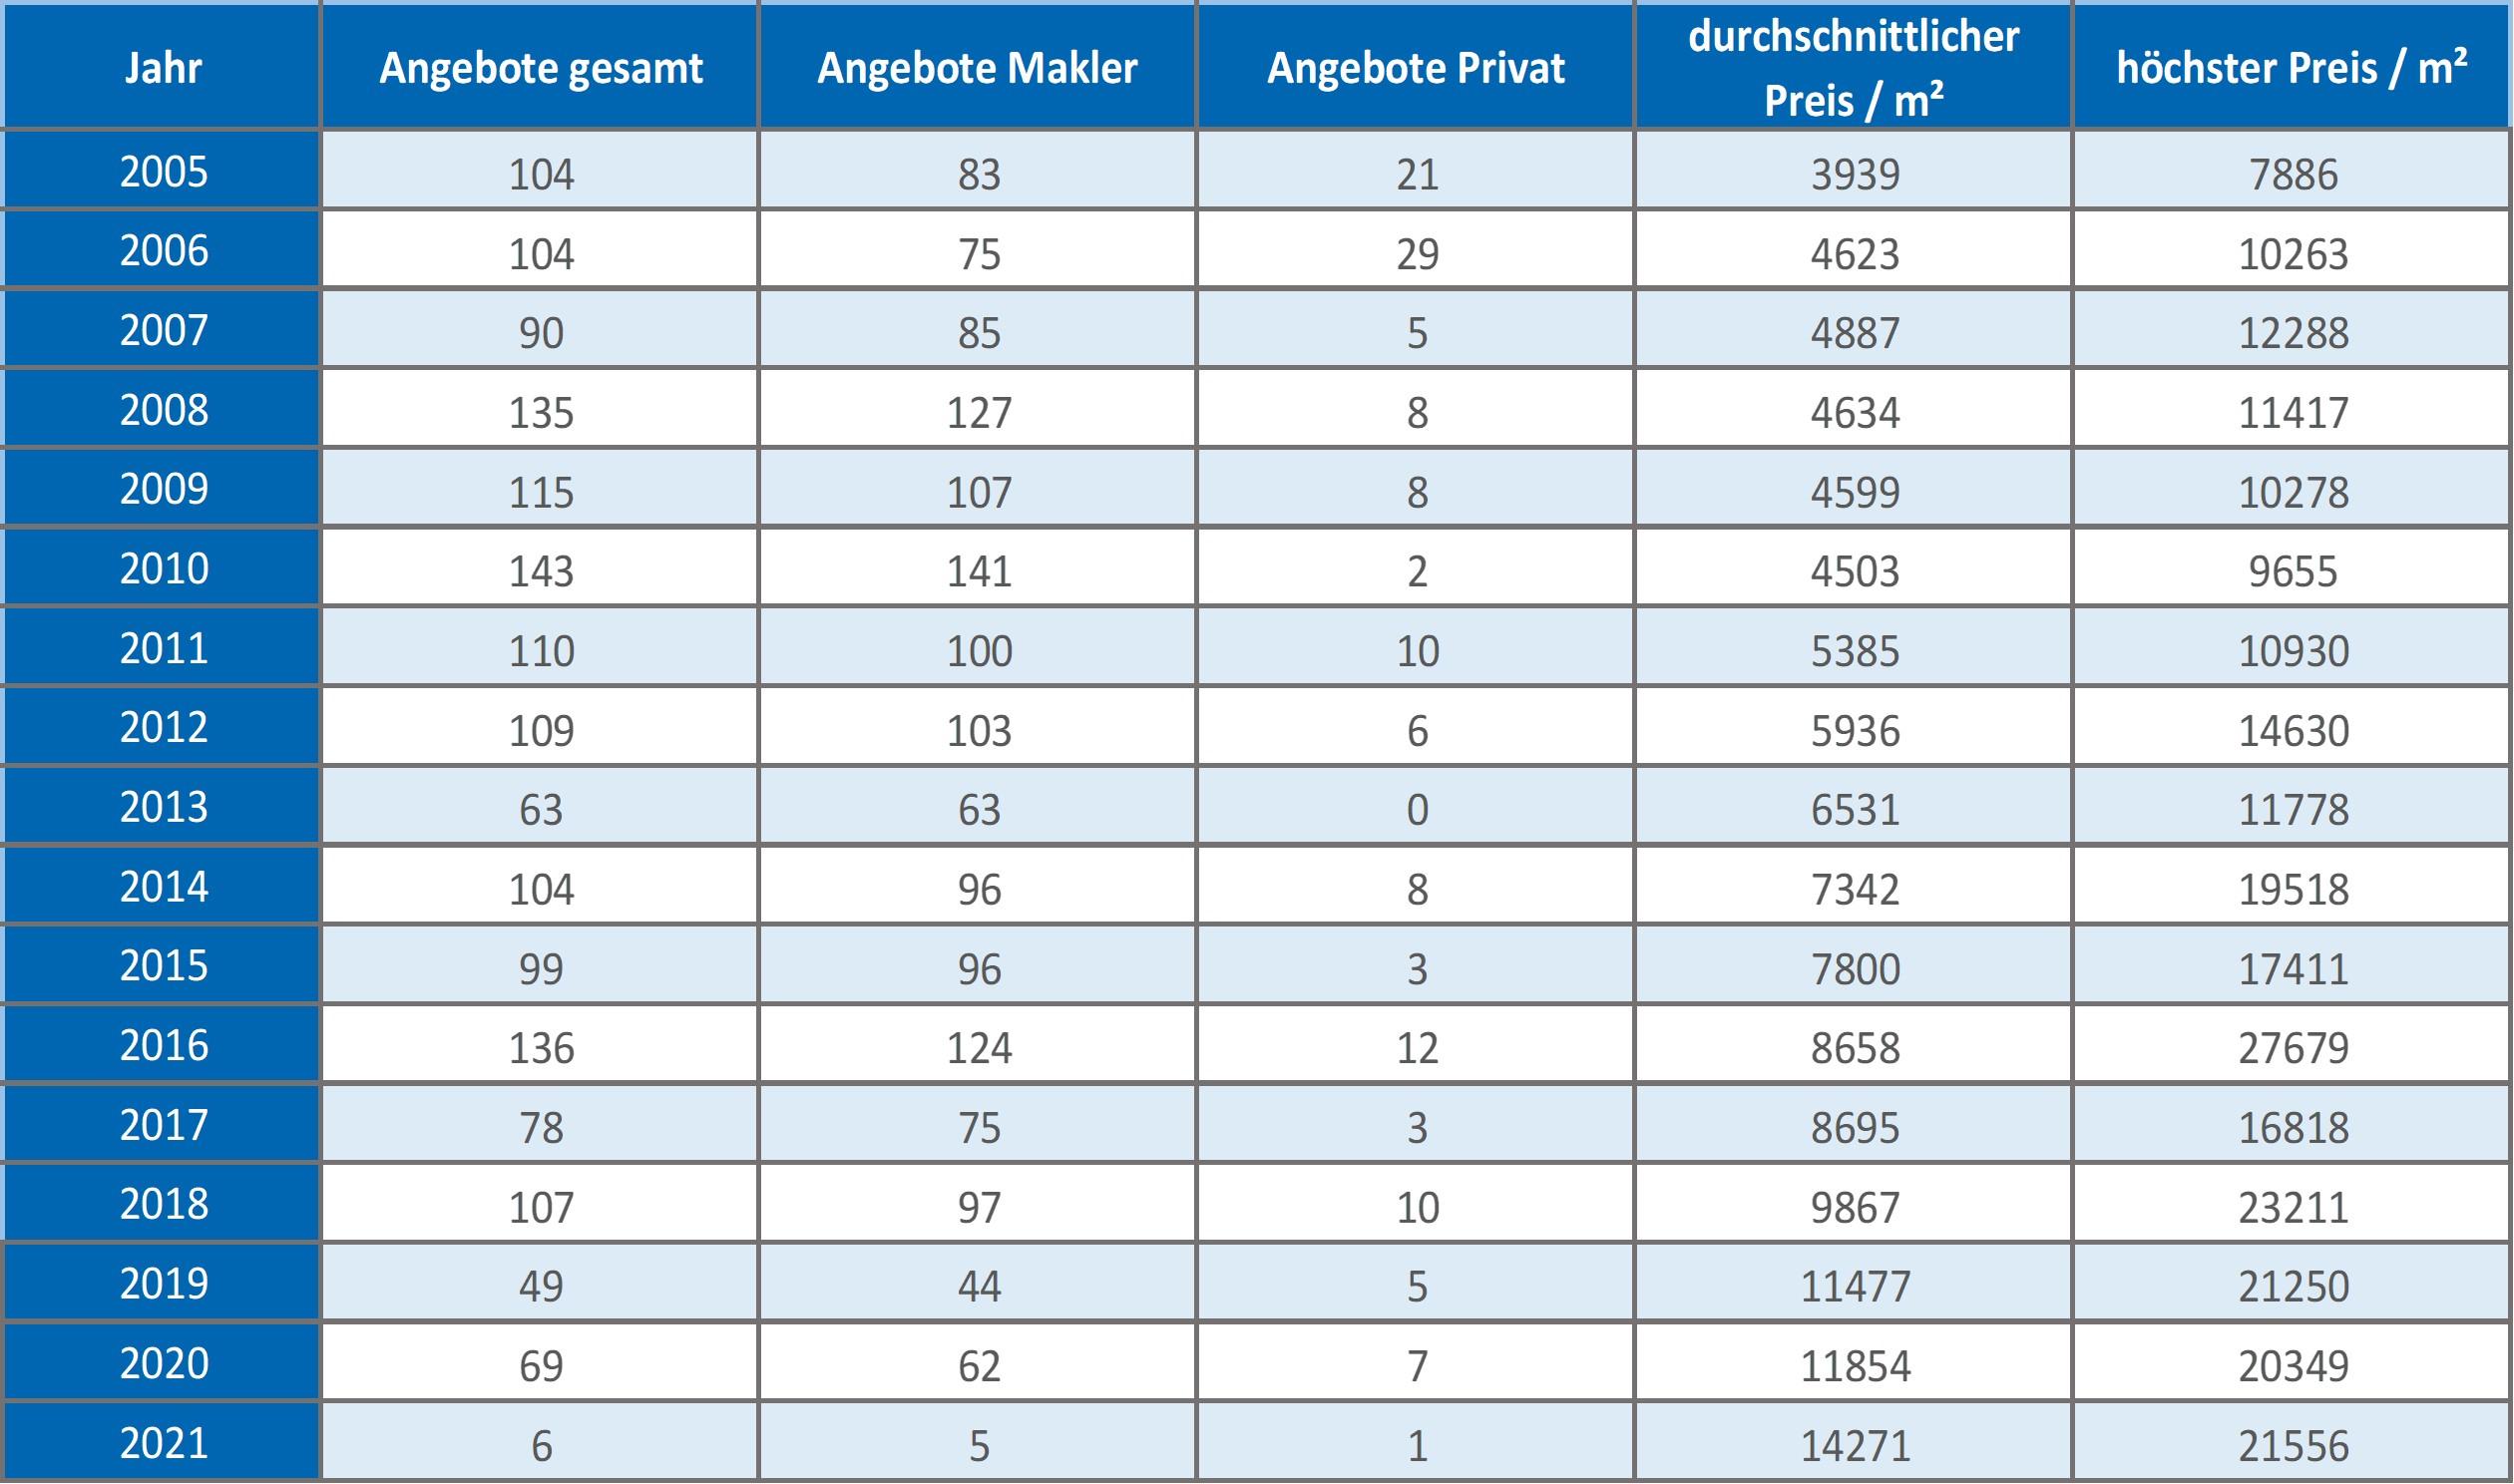 Pullach im Isartal Haus kaufen verkaufen Preis Bewertung Makler www.happy-immo.de 2019 2020 2021